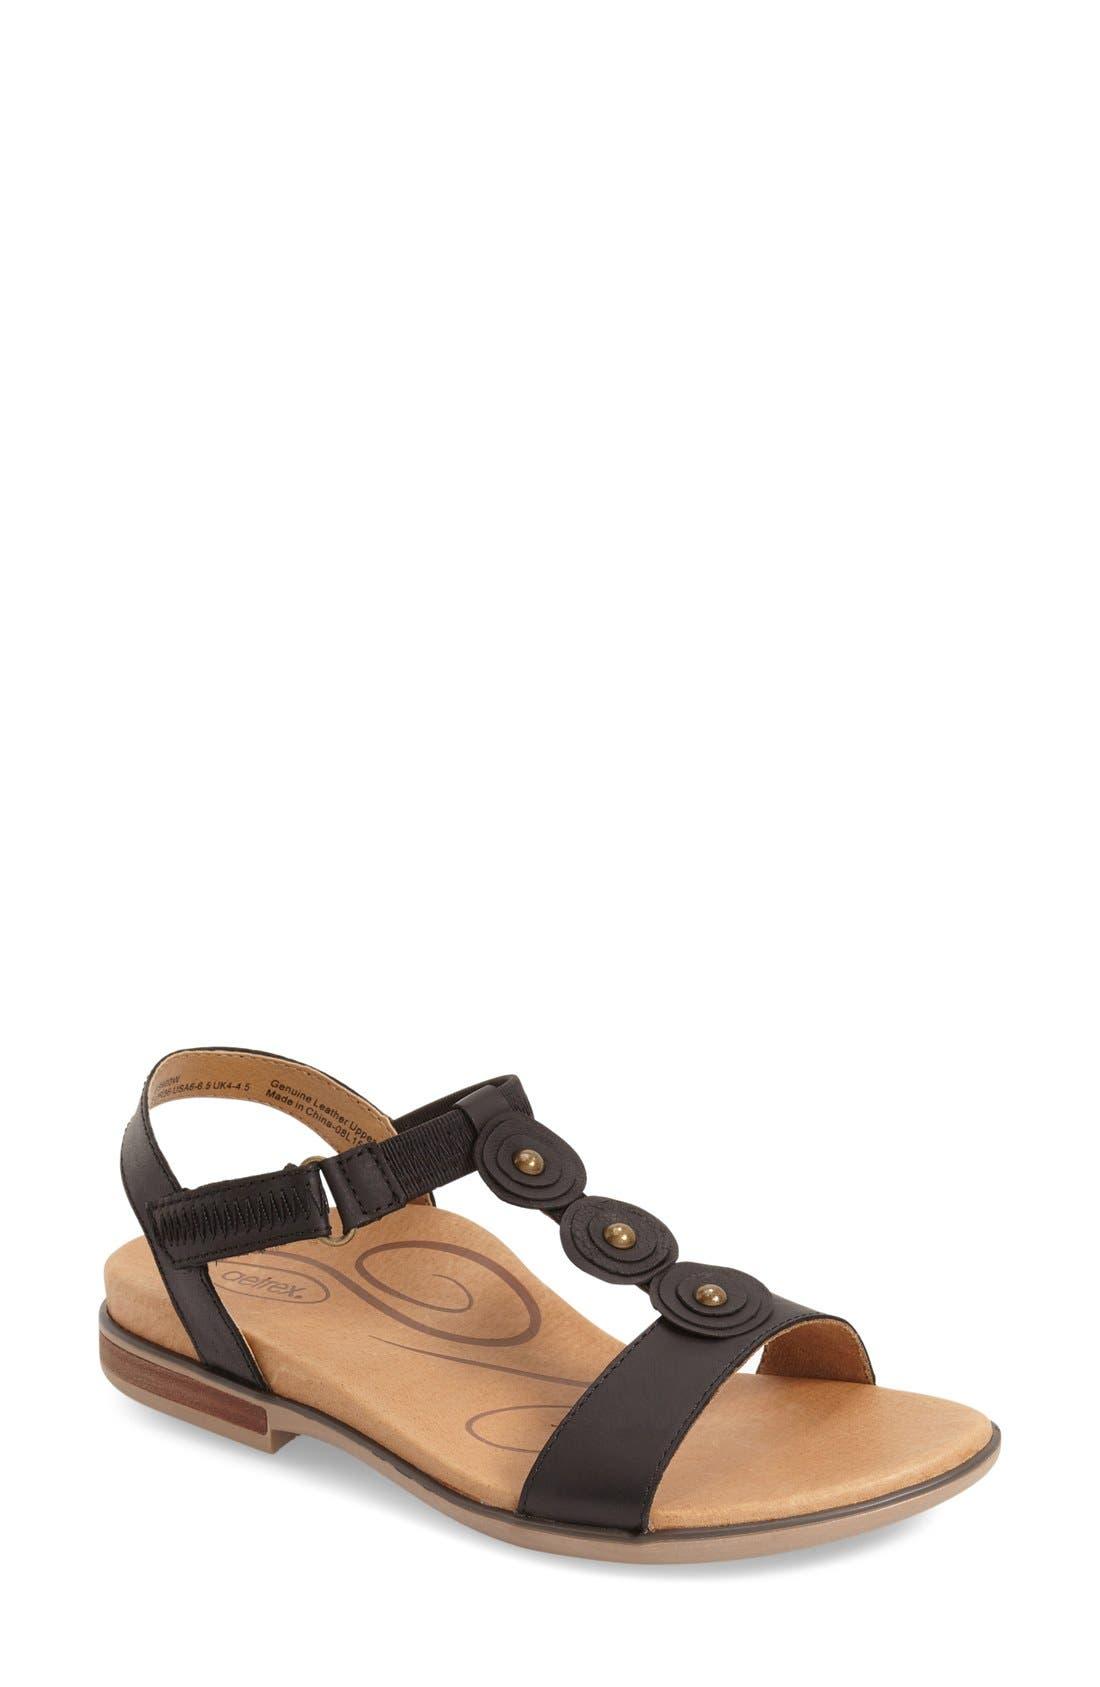 'Sharon' T-Strap Sandal,                             Main thumbnail 1, color,                             001